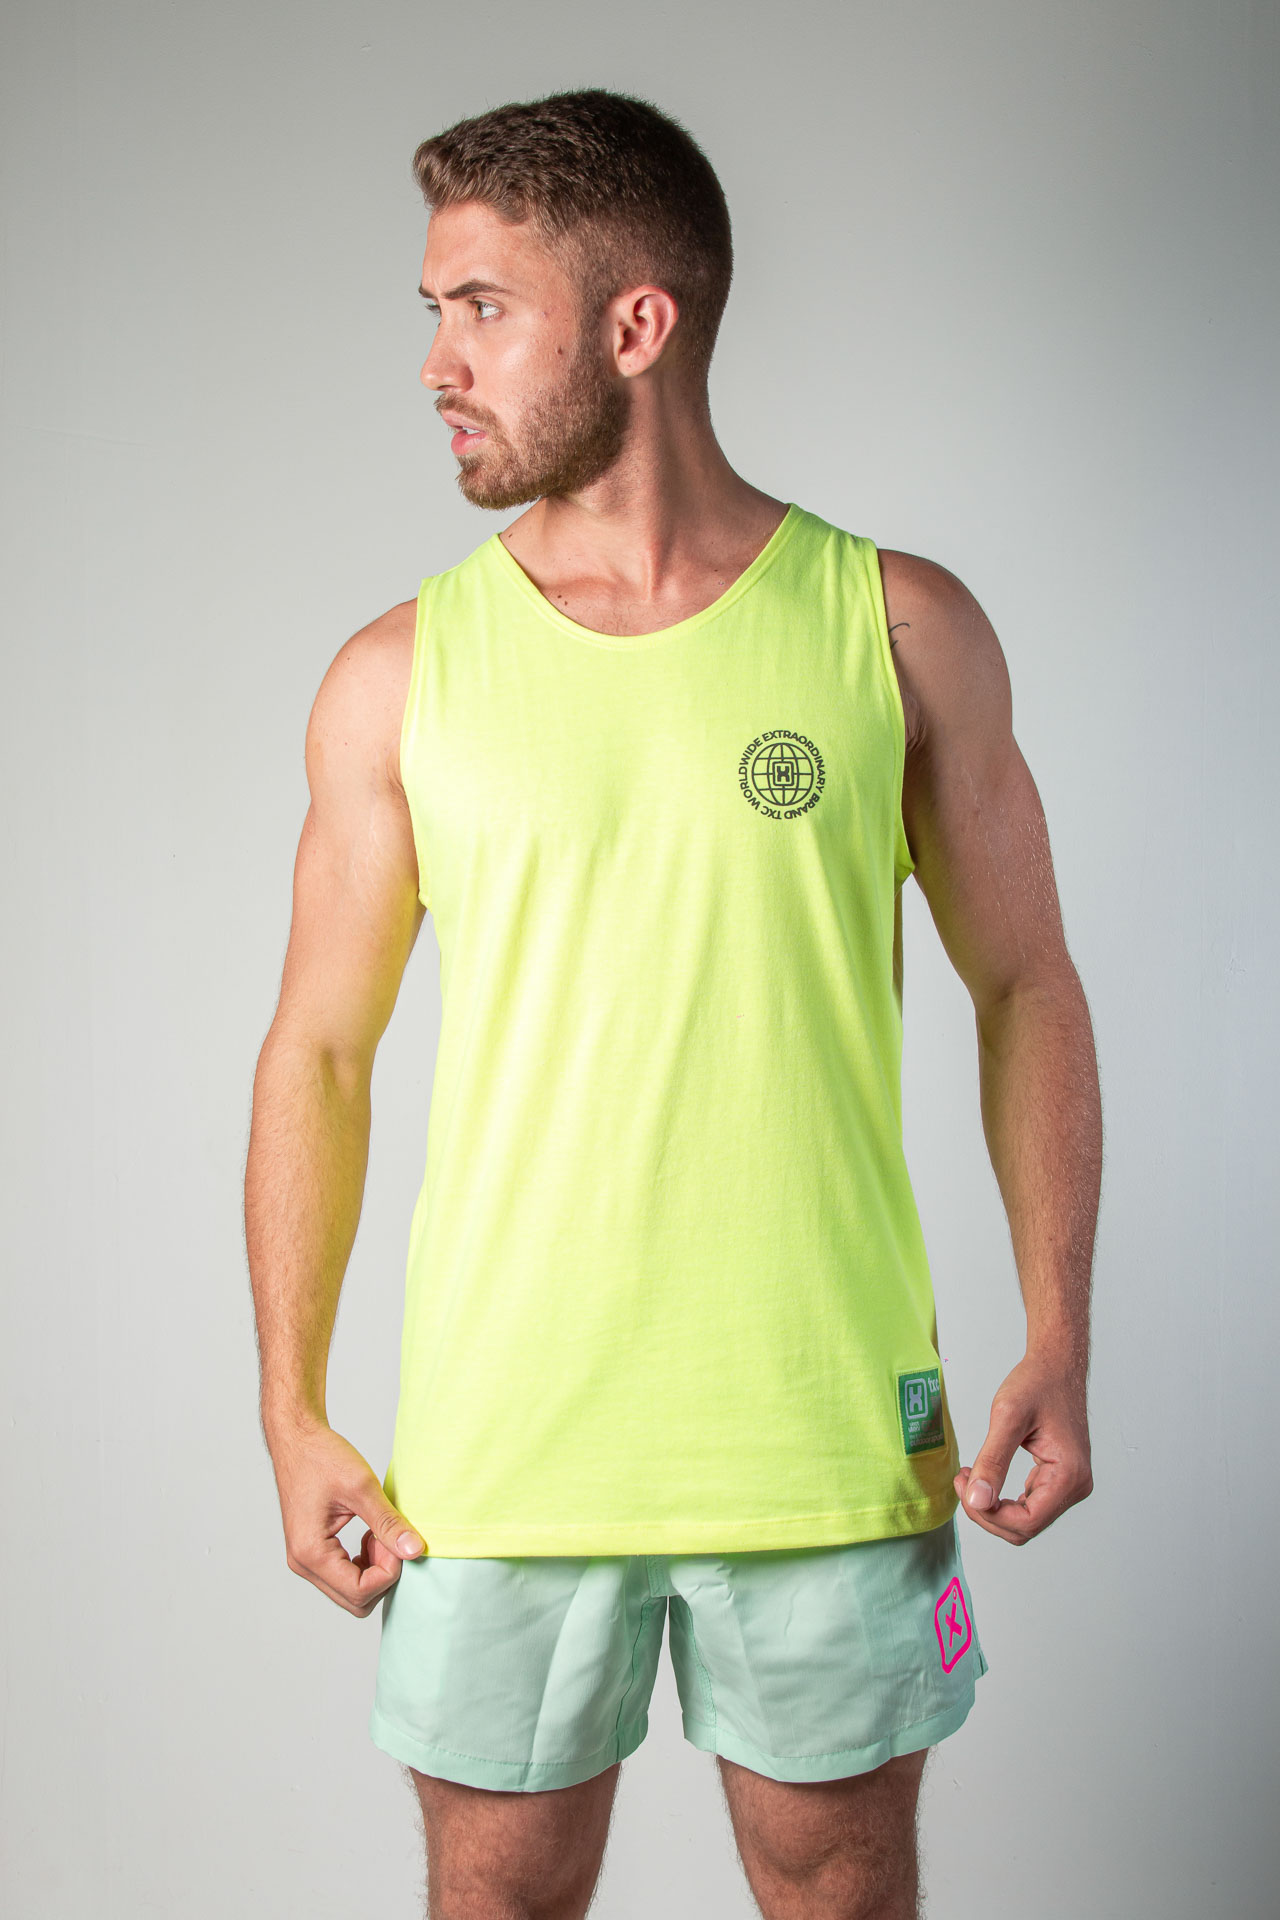 Camiseta Regata TXC 2009